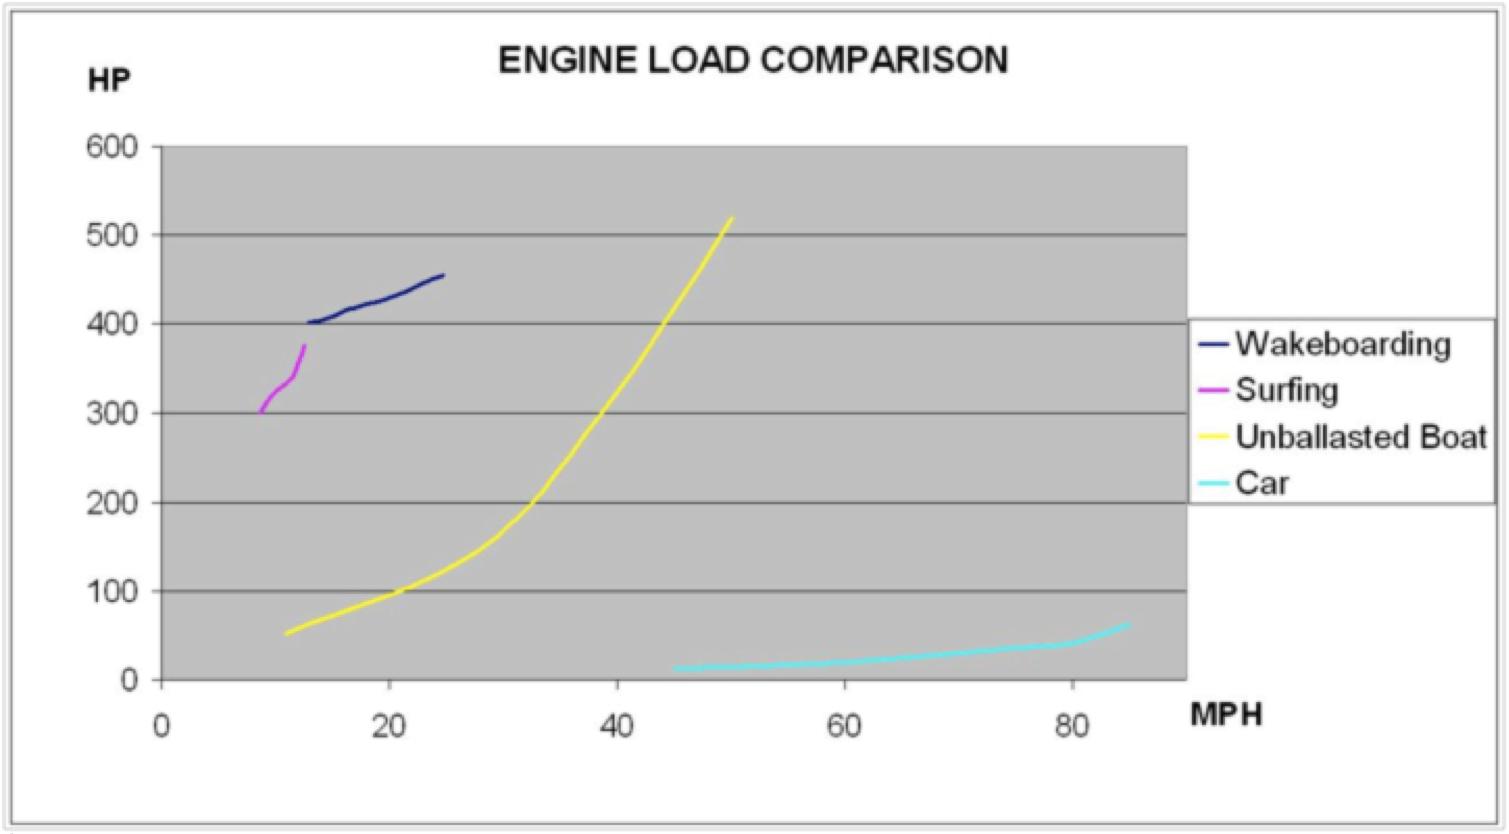 engine%20load%20comparison2.png?timestam